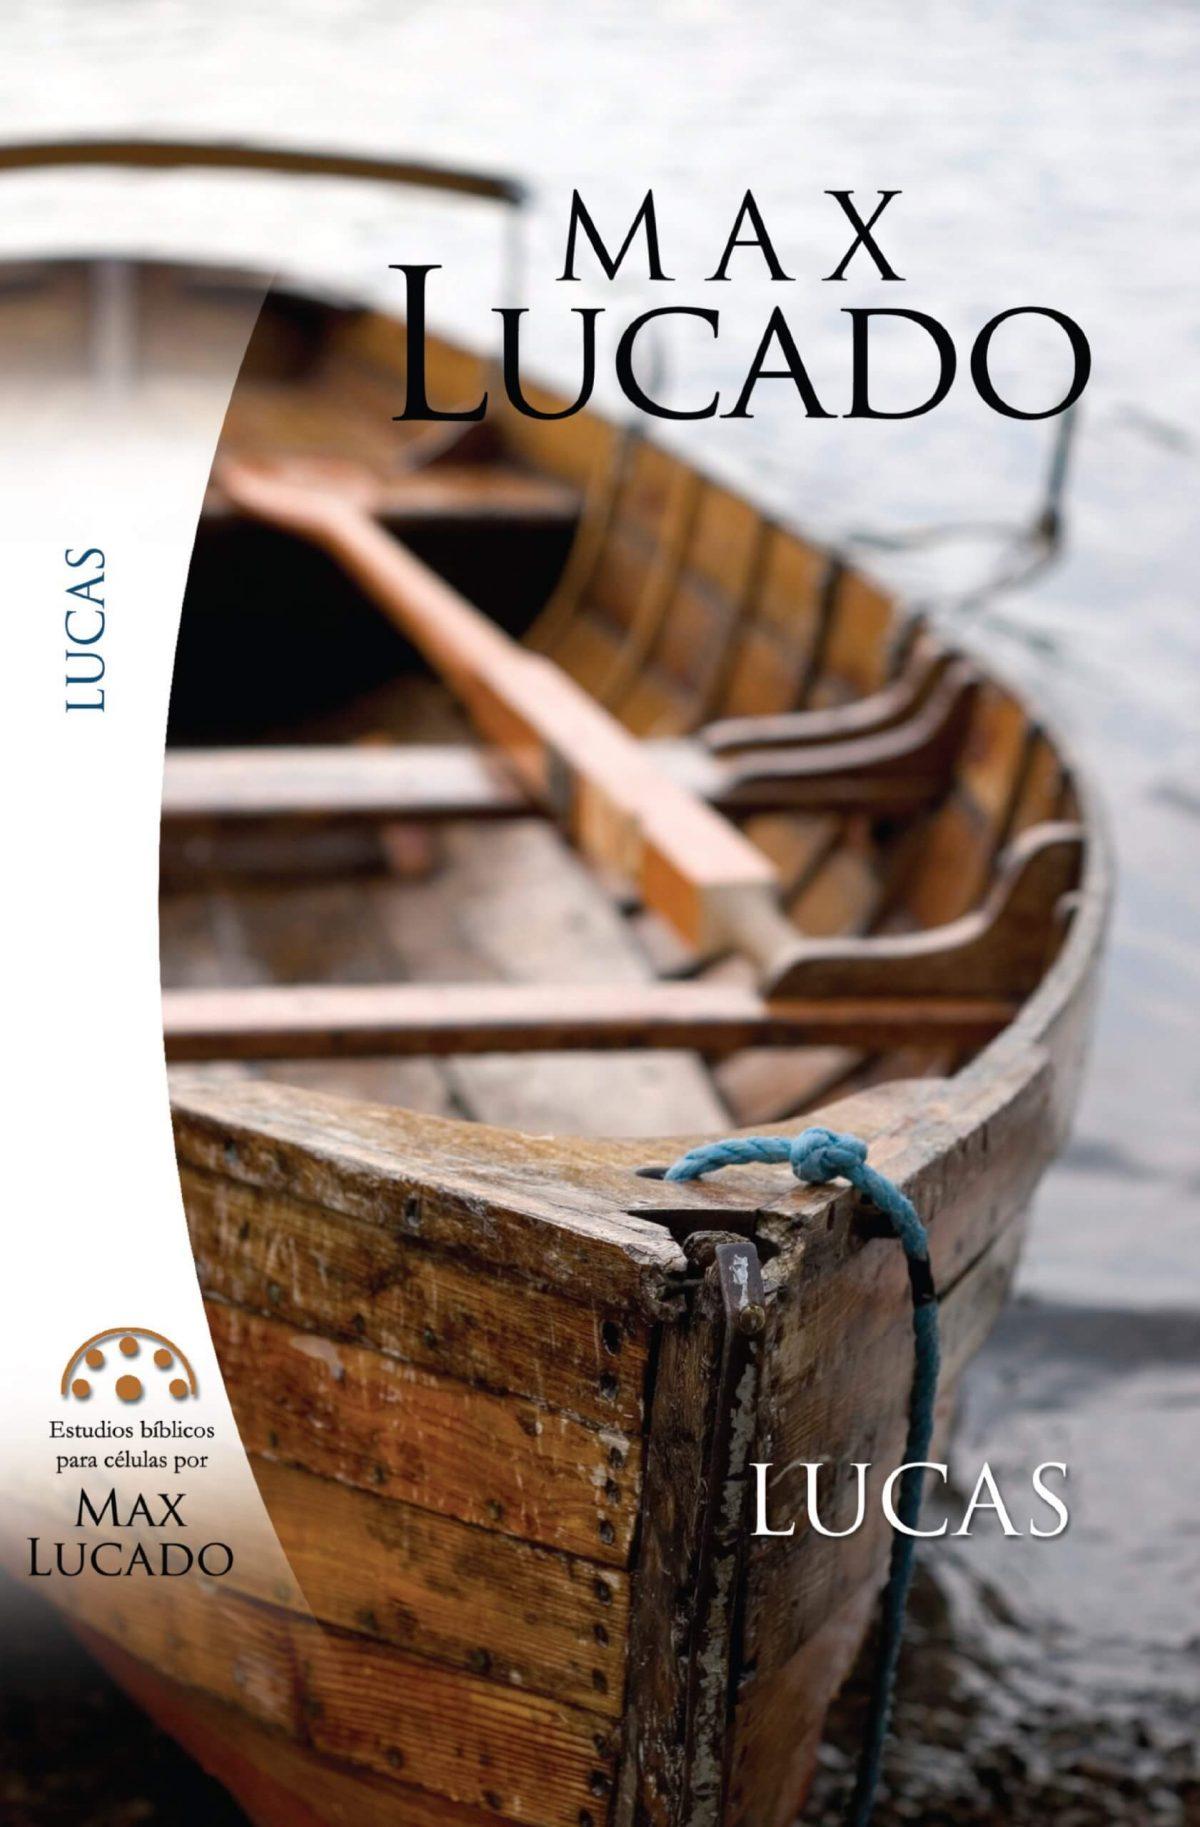 ESTUDIOS BIBLICOS PARA CELULAS - LUCAS